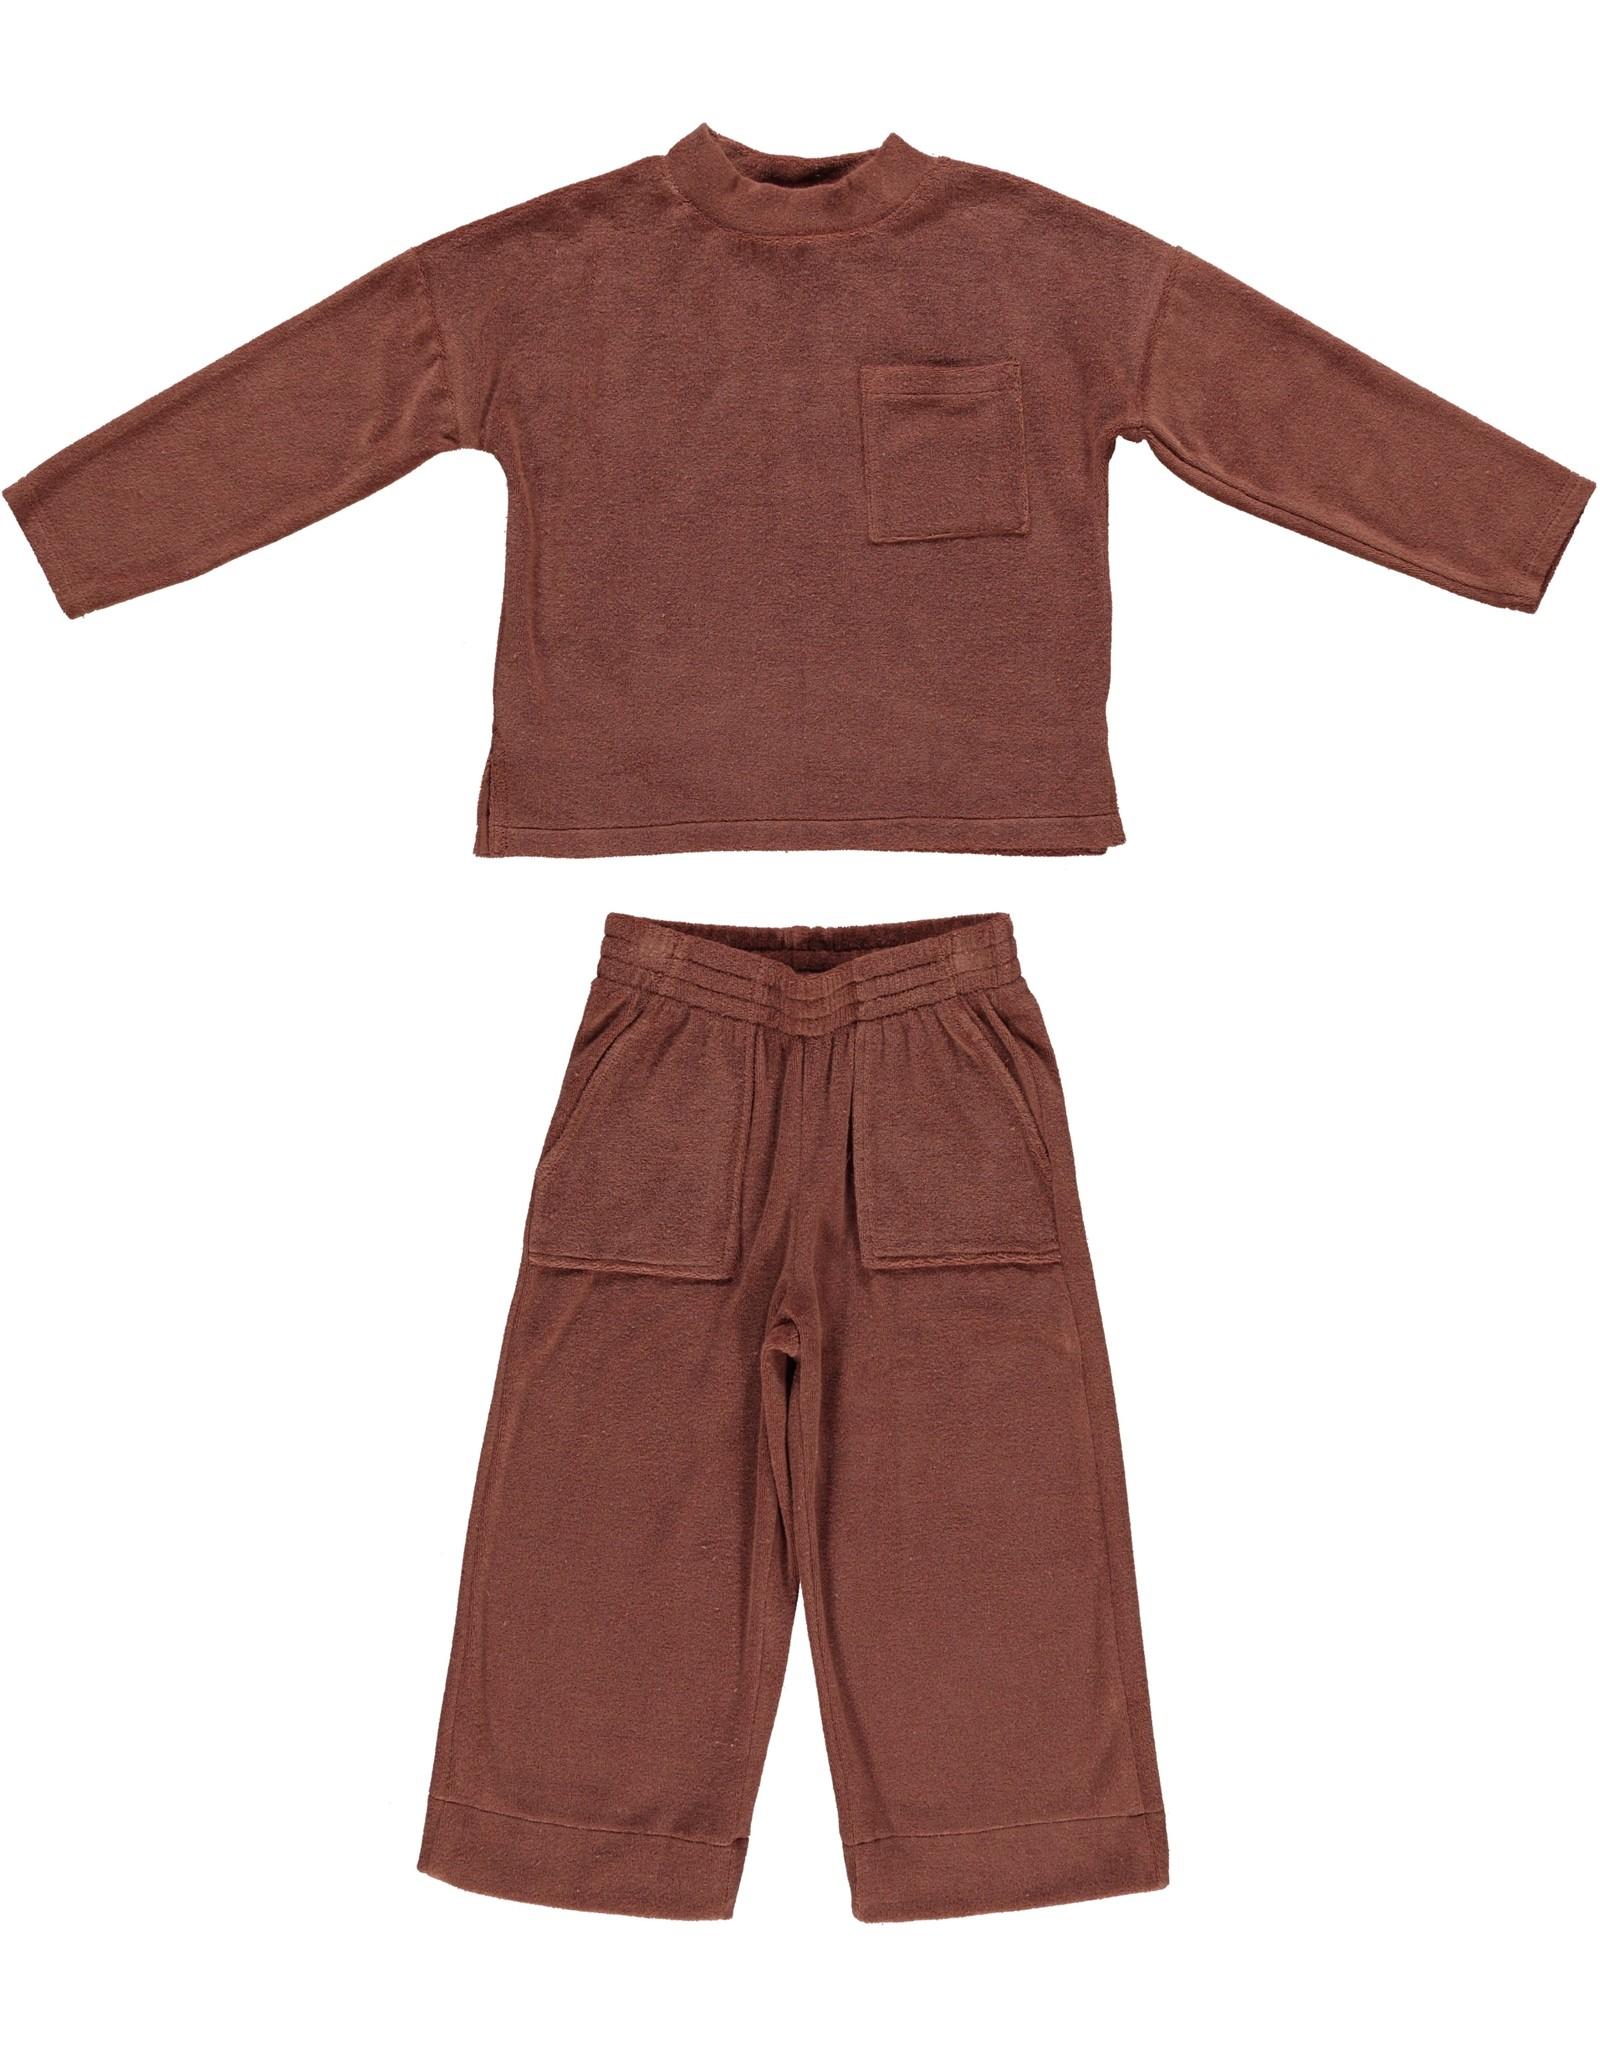 Dorélit Fauna + Flora   Pajama Set Terry   Aztec